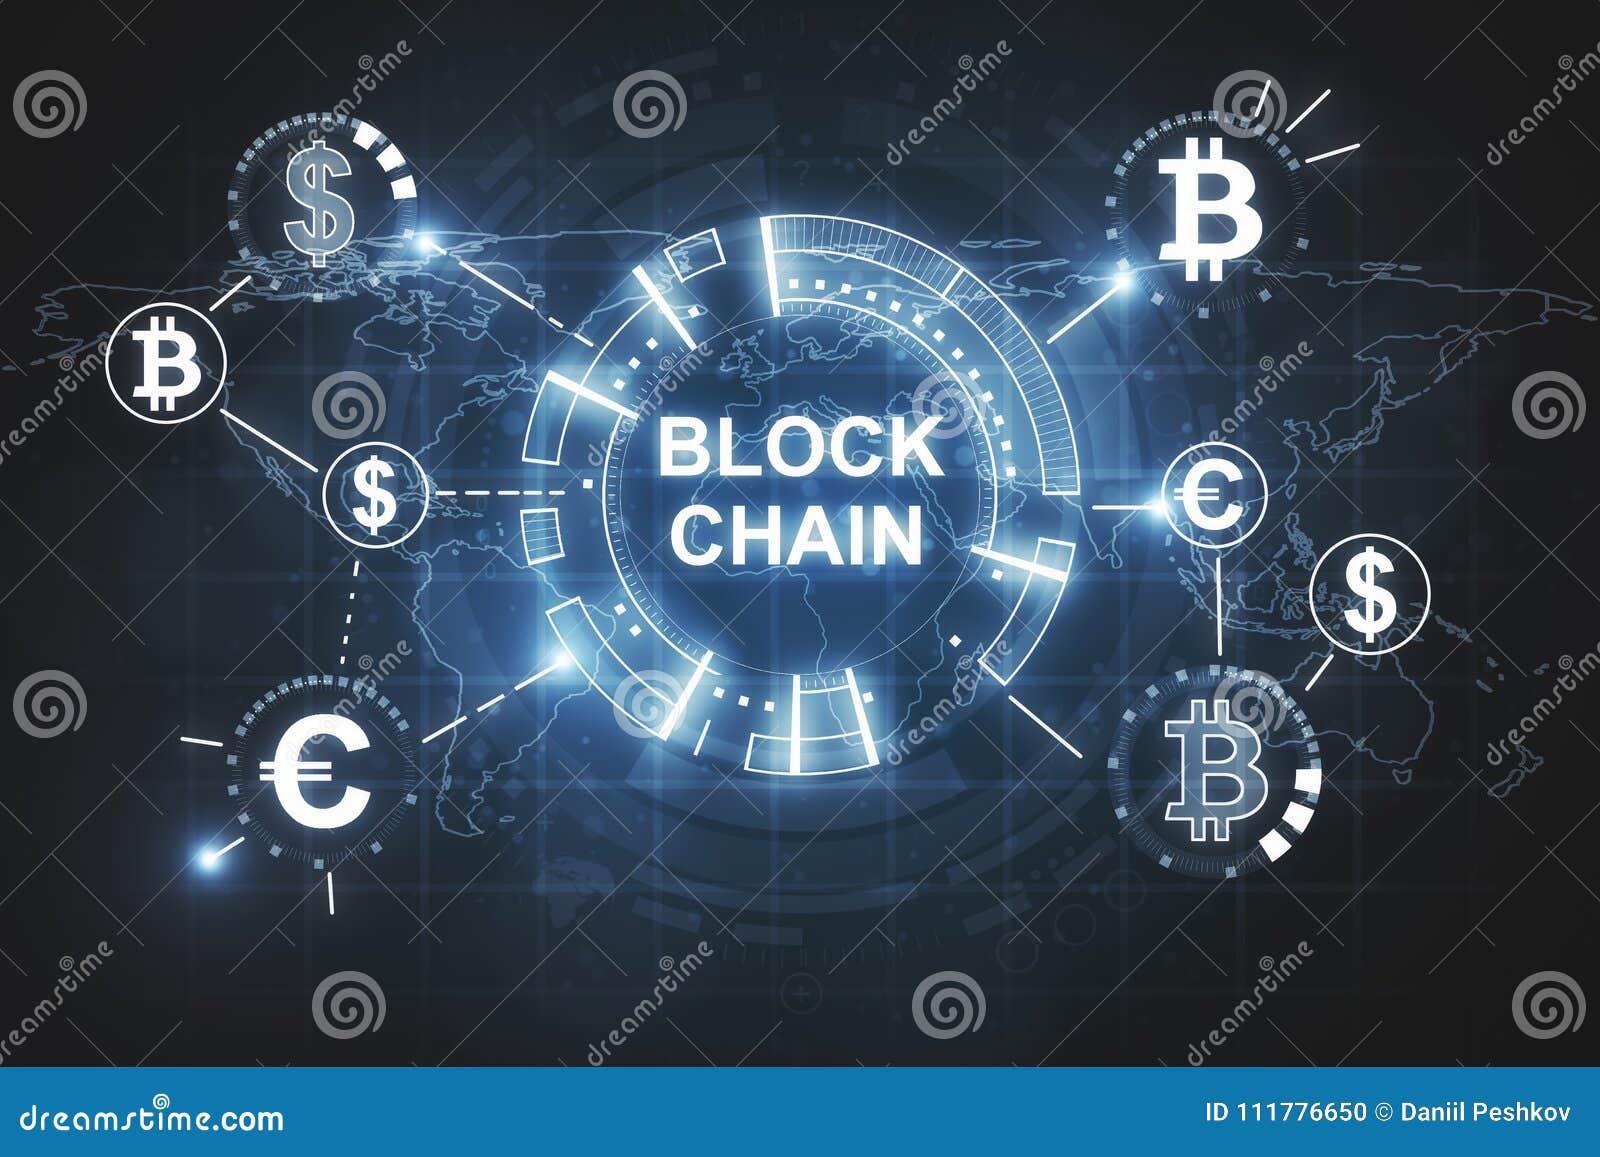 Creative blockchain background